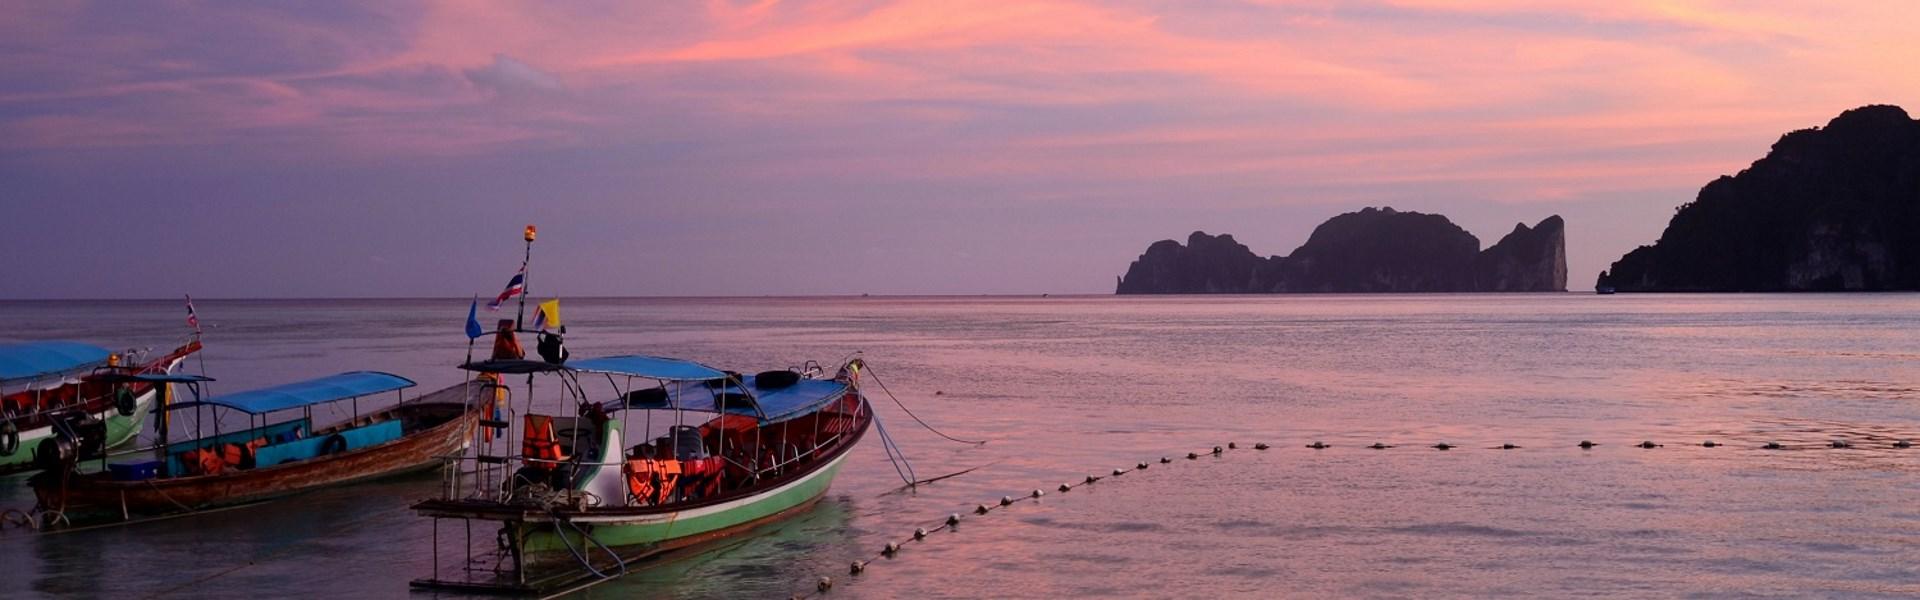 boats at sunset on Halong Bay